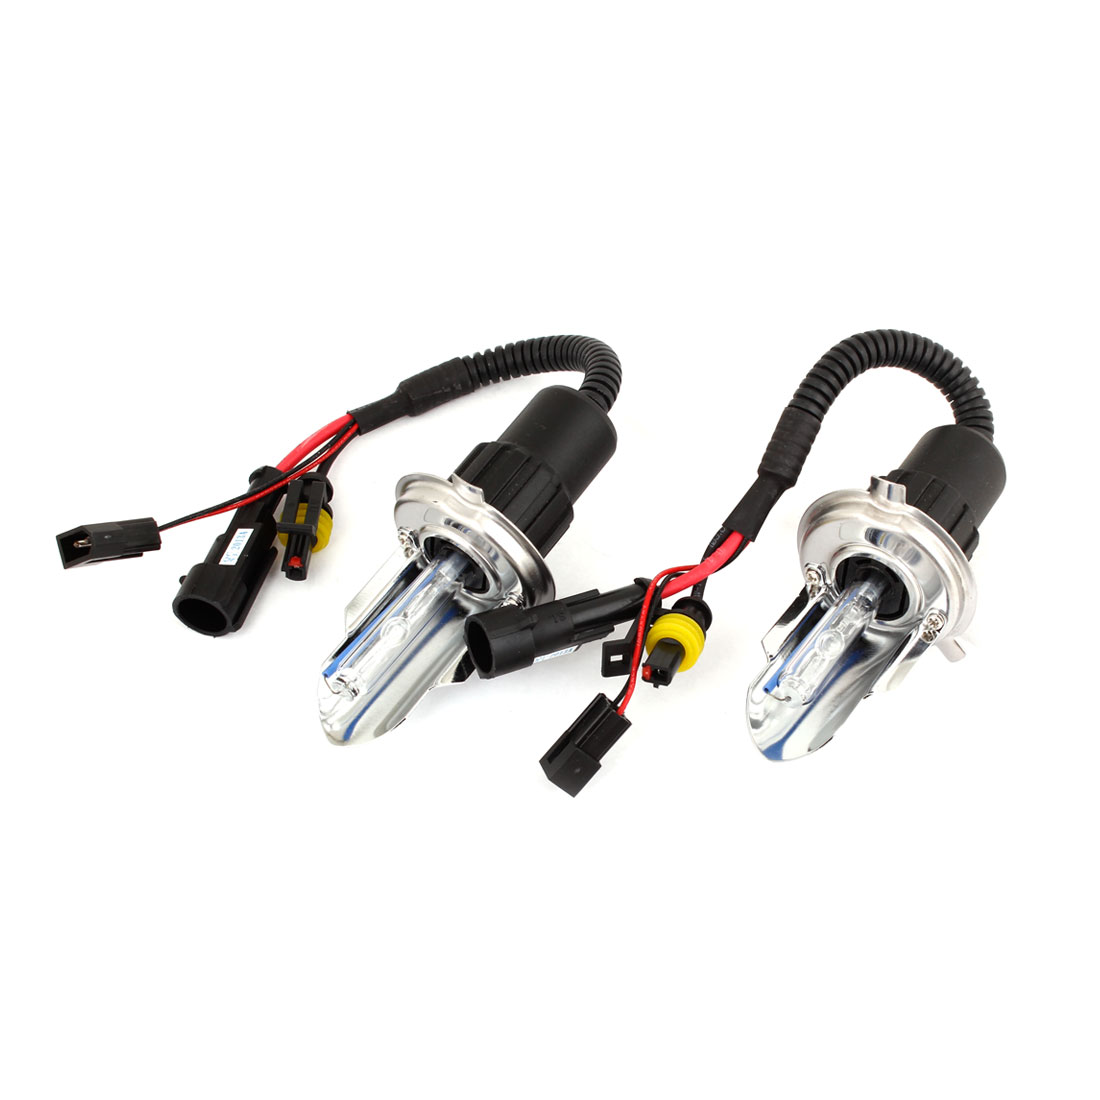 2 Pcs 35W 8000K HID Xenon H4 Headlight Bulbs for Vehicle Car